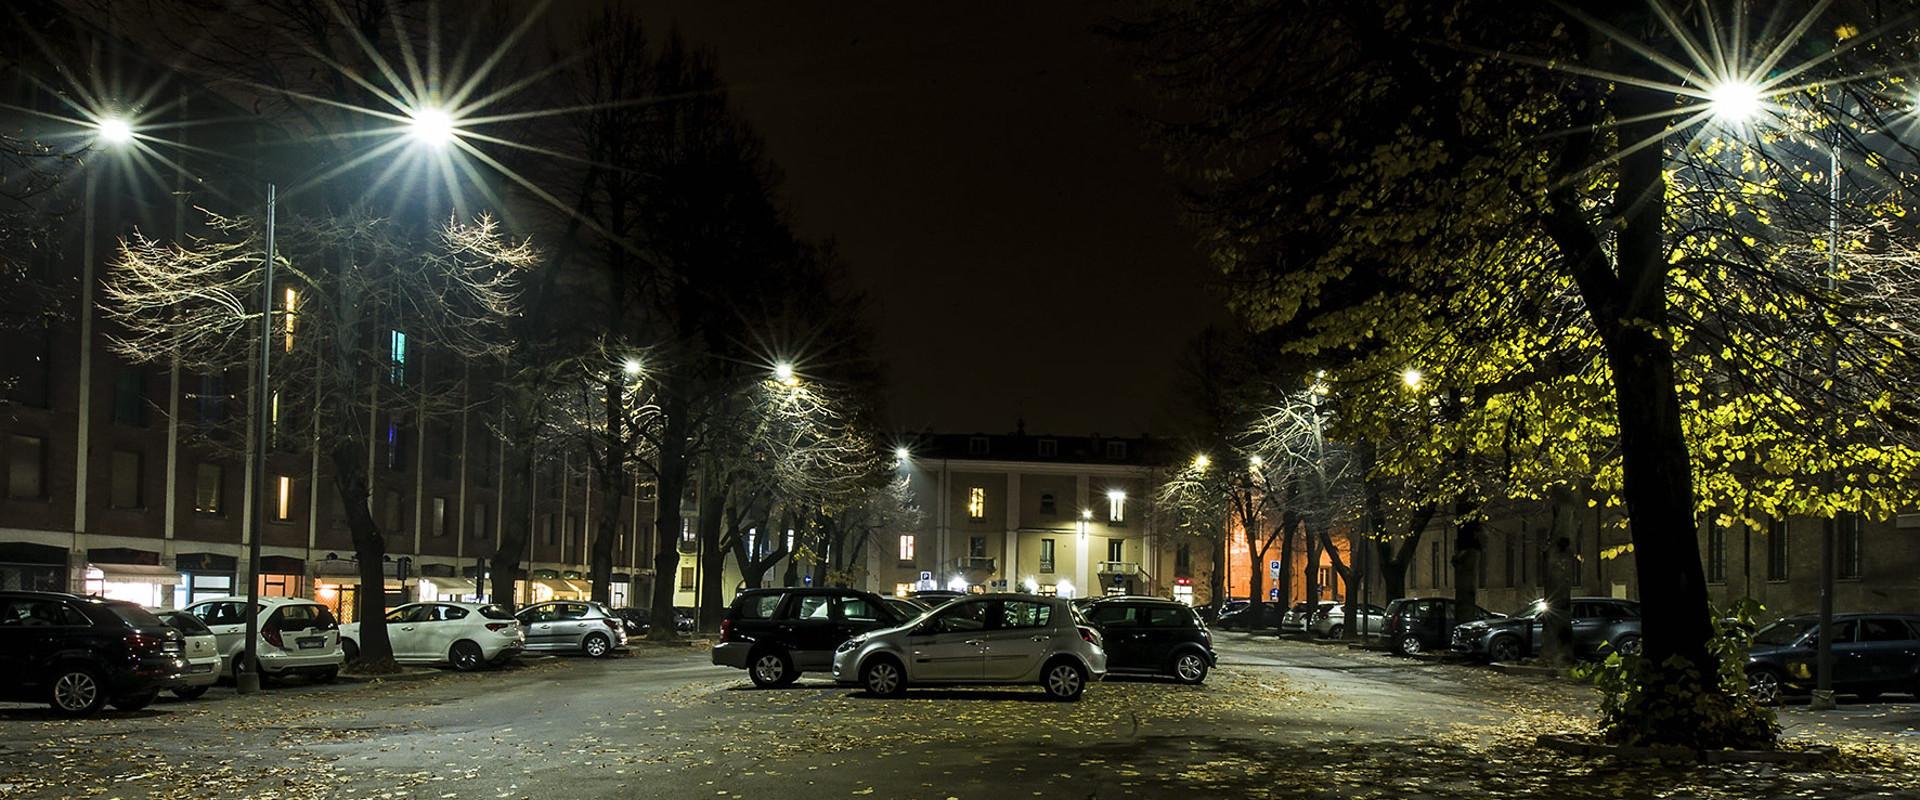 5-Piazza-Catena-nuova-illuminazione